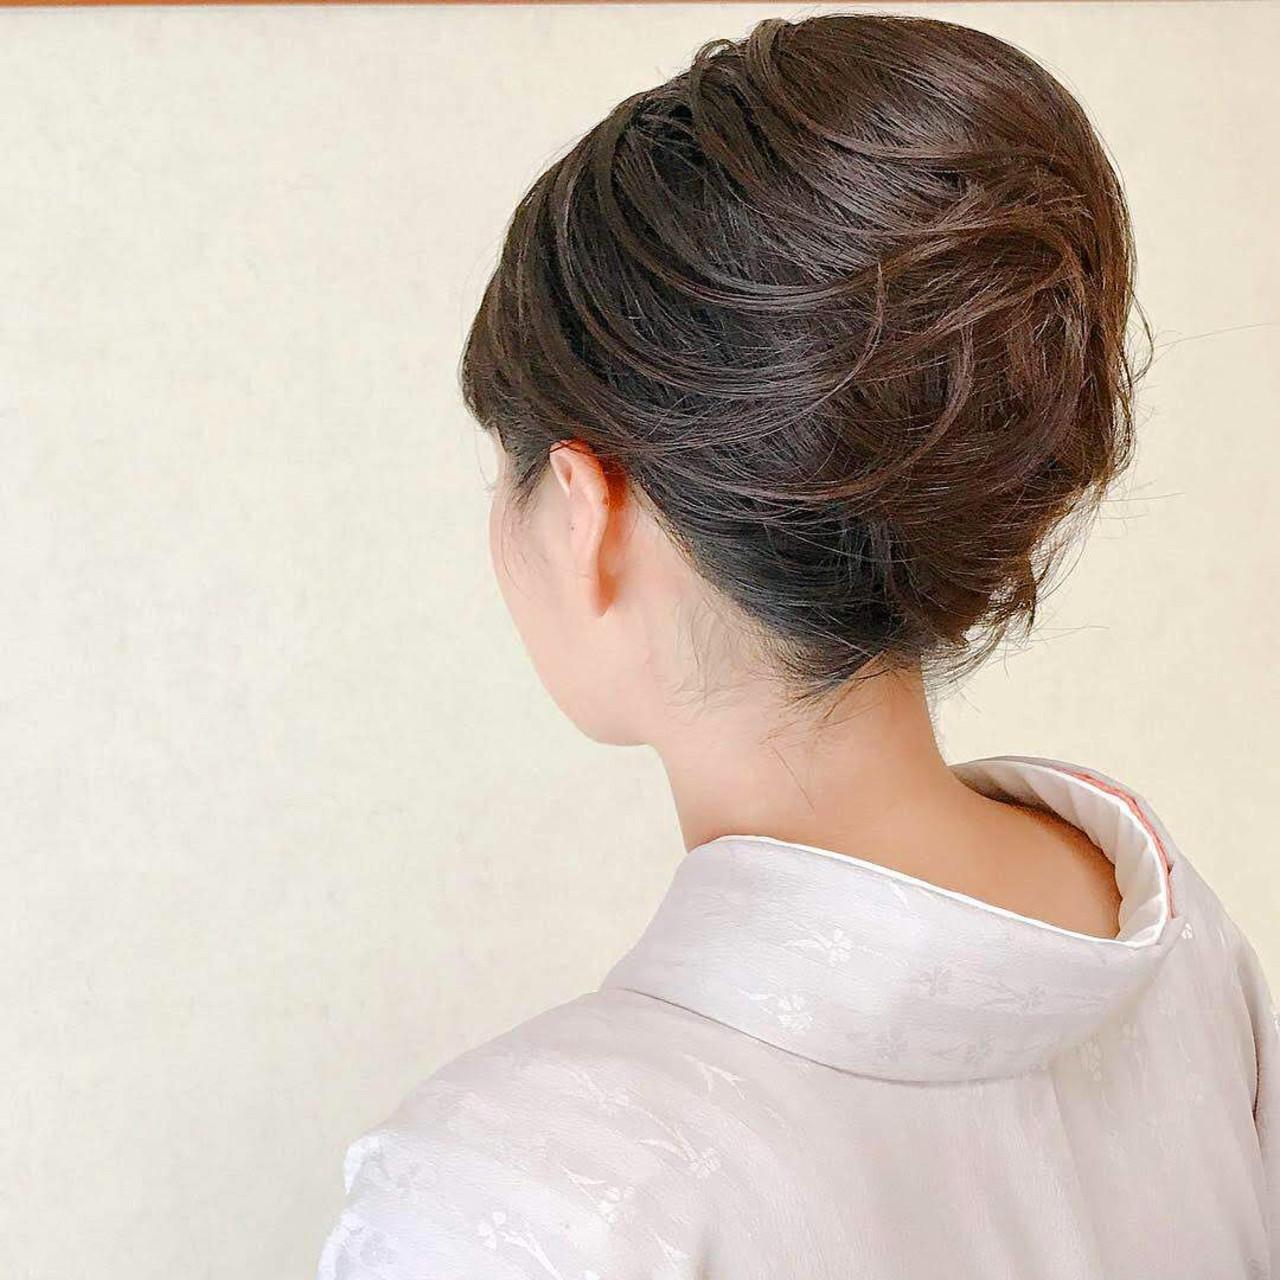 結婚式 結婚式ヘアアレンジ 和装ヘア ボブ ヘアスタイルや髪型の写真・画像